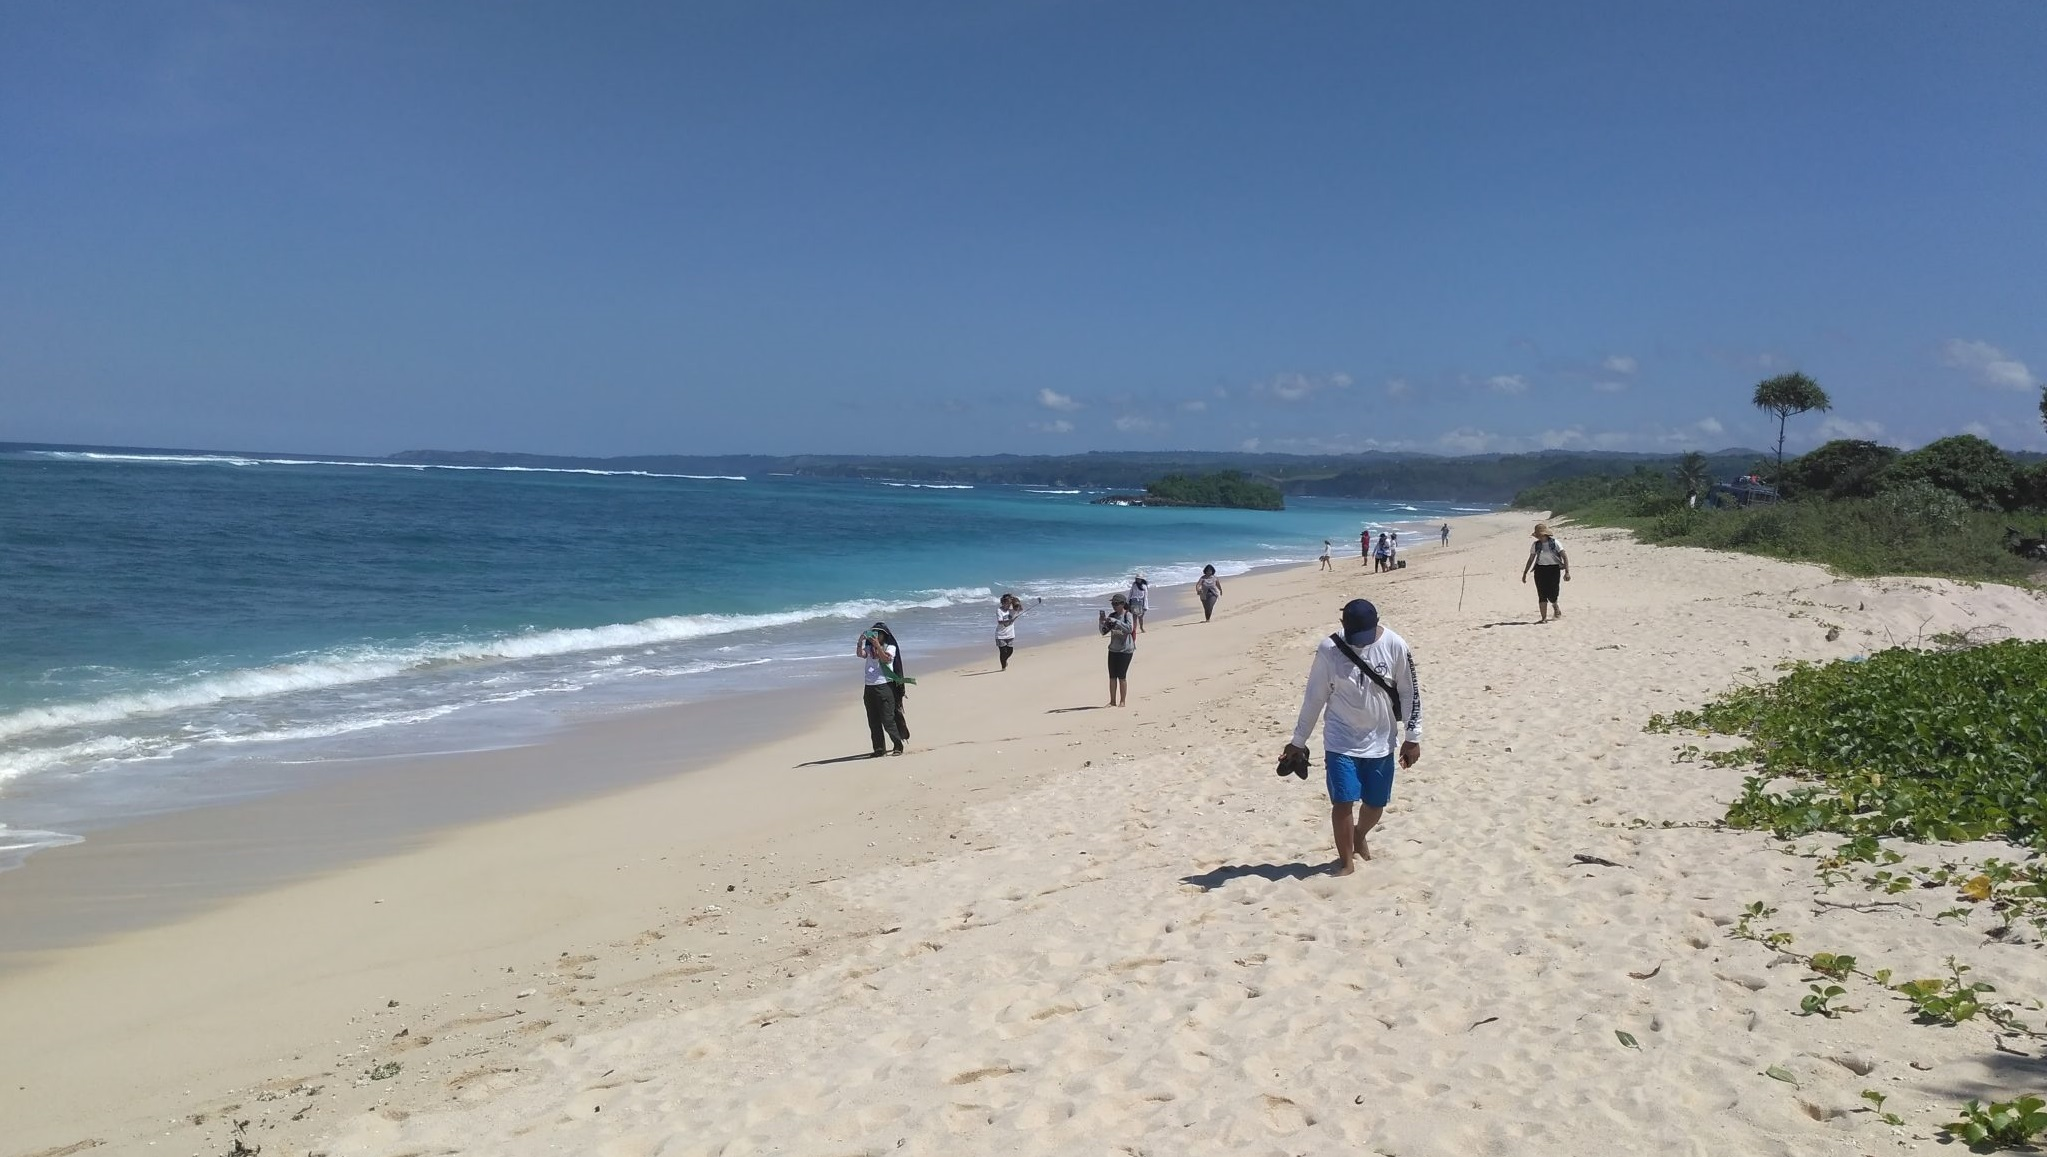 Sumba marosi beach